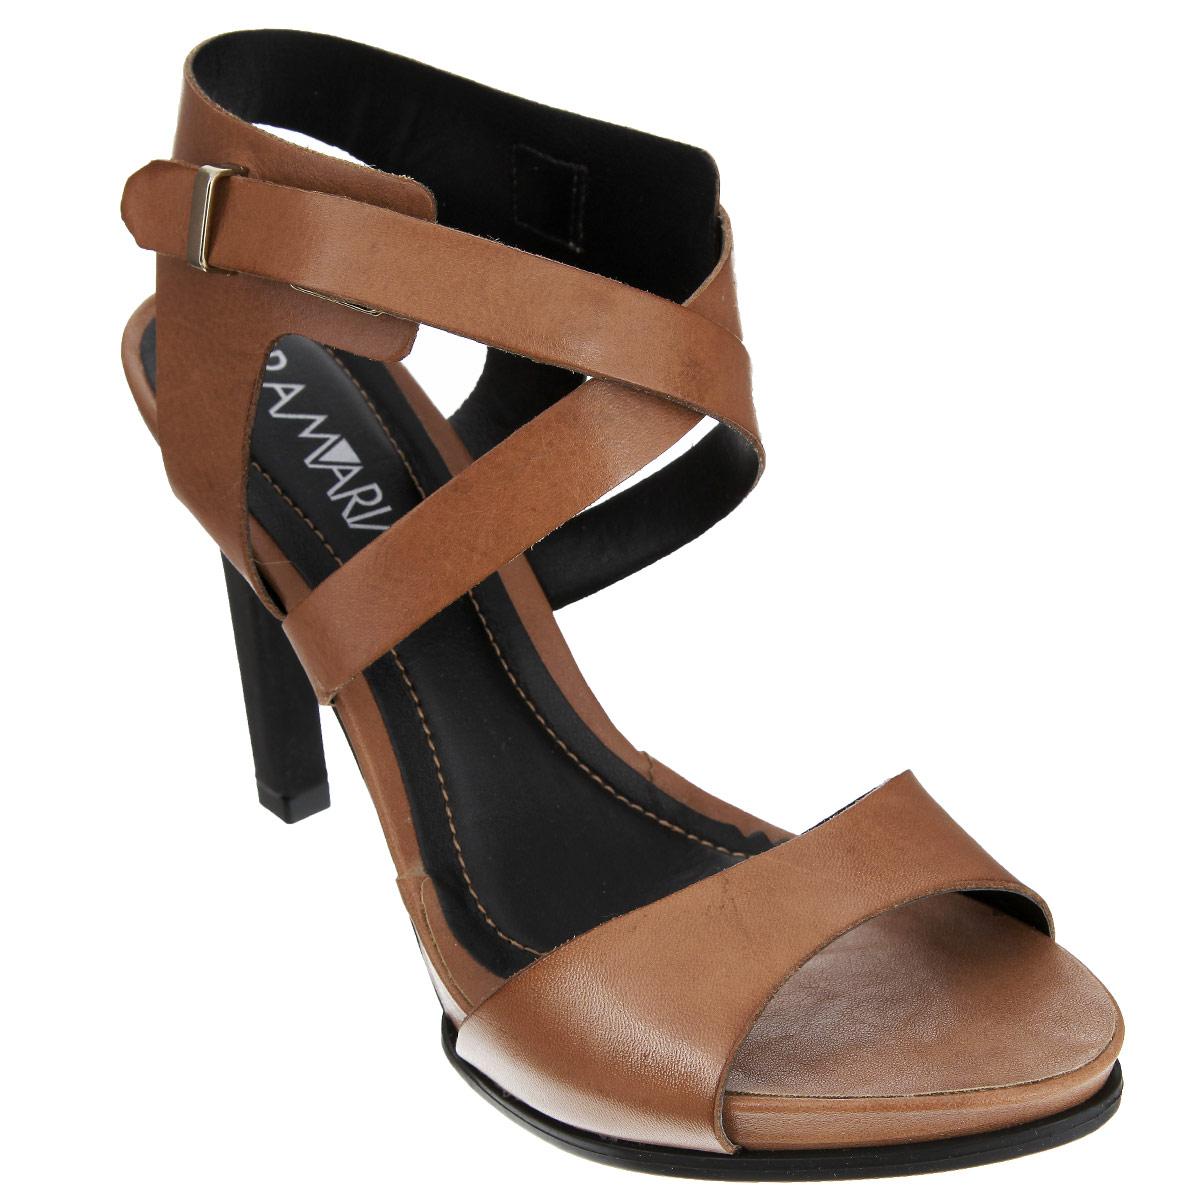 14-27201Элегантные босоножки от Ramarim добавят женственные нотки в ваш модный образ. Модель выполнена из натуральной кожи и оформлена изящными ремешками. Фиксирующие ремешки, расположенные один поверх другого, пропущены через металлическую фурнитуру сбоку. Резинка на одном из ремешков отвечает за оптимальную посадку модели на ноге. Стелька из натуральной кожи, дополненная названием бренда и прострочкой по контуру, комфортна при ходьбе. Высокий устойчивый каблук компенсирован платформой. Рифленая поверхность подошвы защищает изделие от скольжения. Изящные босоножки прекрасно дополнят ваш стильный летний наряд.